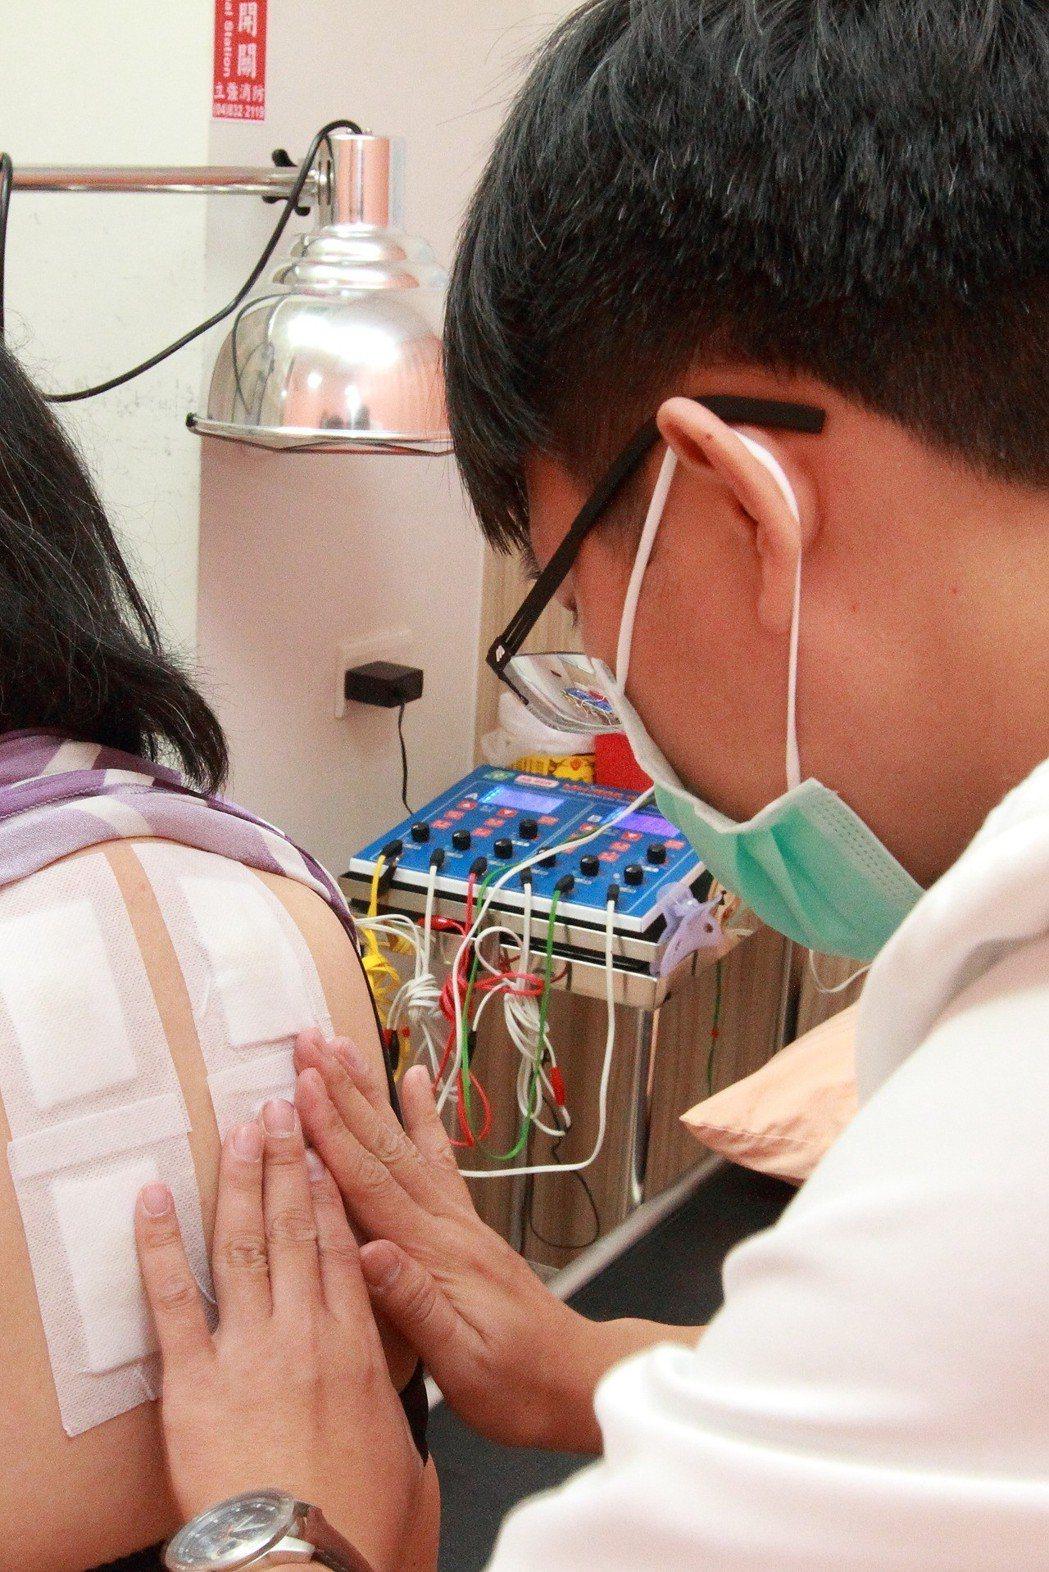 醫療院所提供呼吸道及過敏性疾病患者炎「三伏天灸療」服務。圖/員生醫院提供